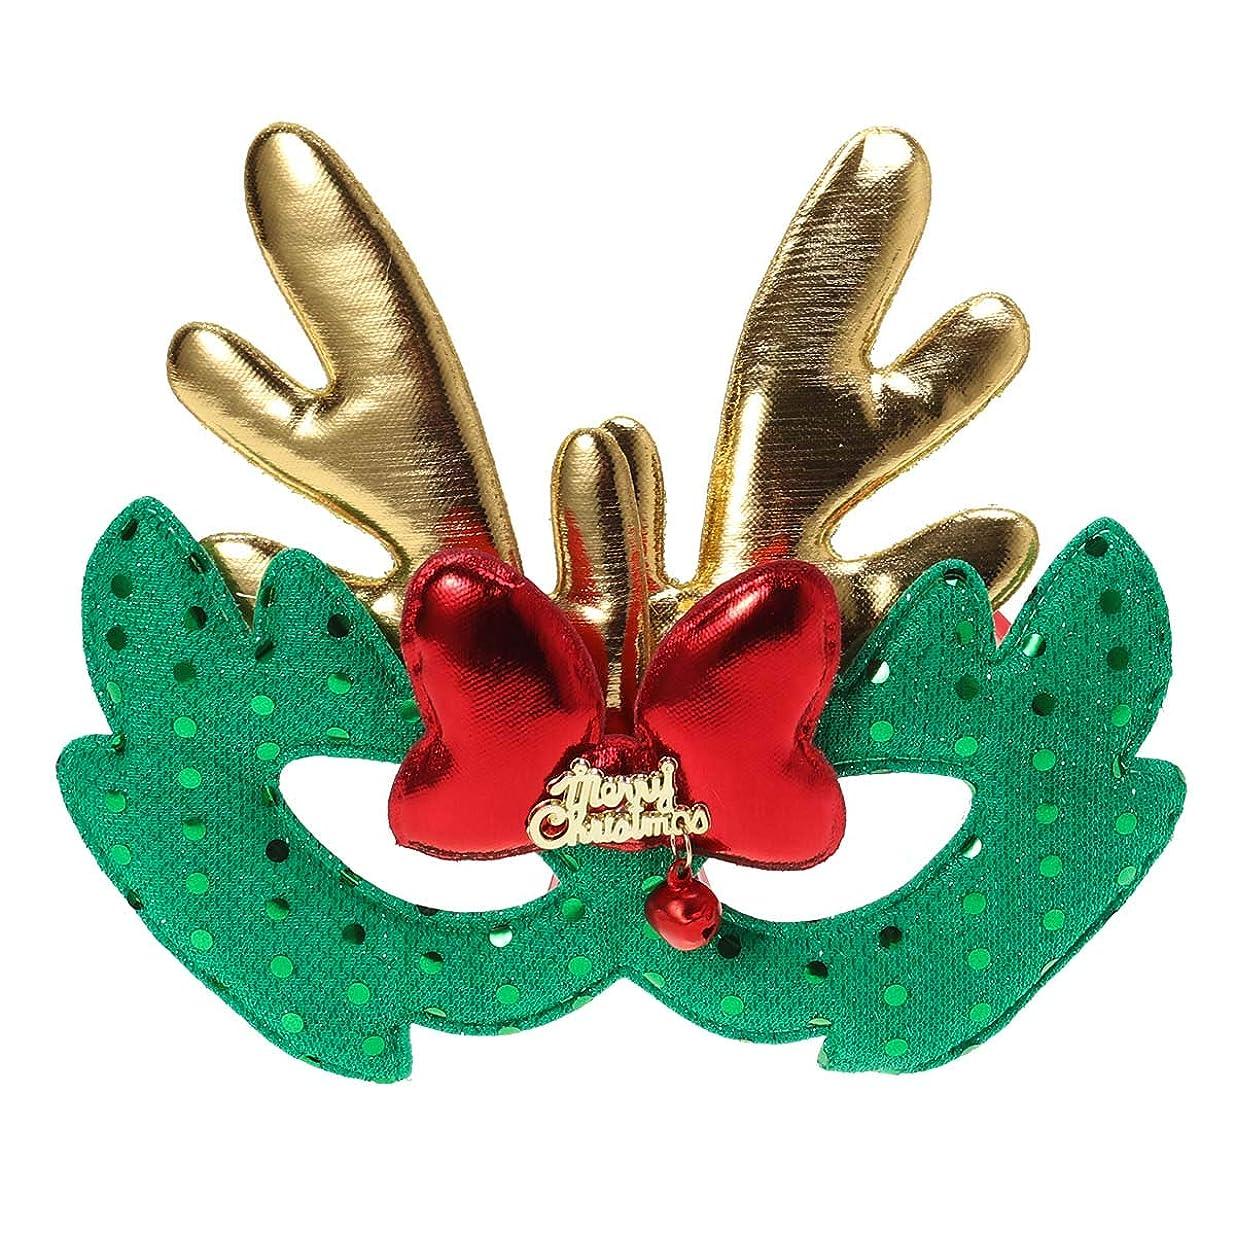 ページェント有名ほこりBESTOYARD エルククリスマスコスチュームマスク布マスク子供大人コスプレクリスマスパーティーグリーン